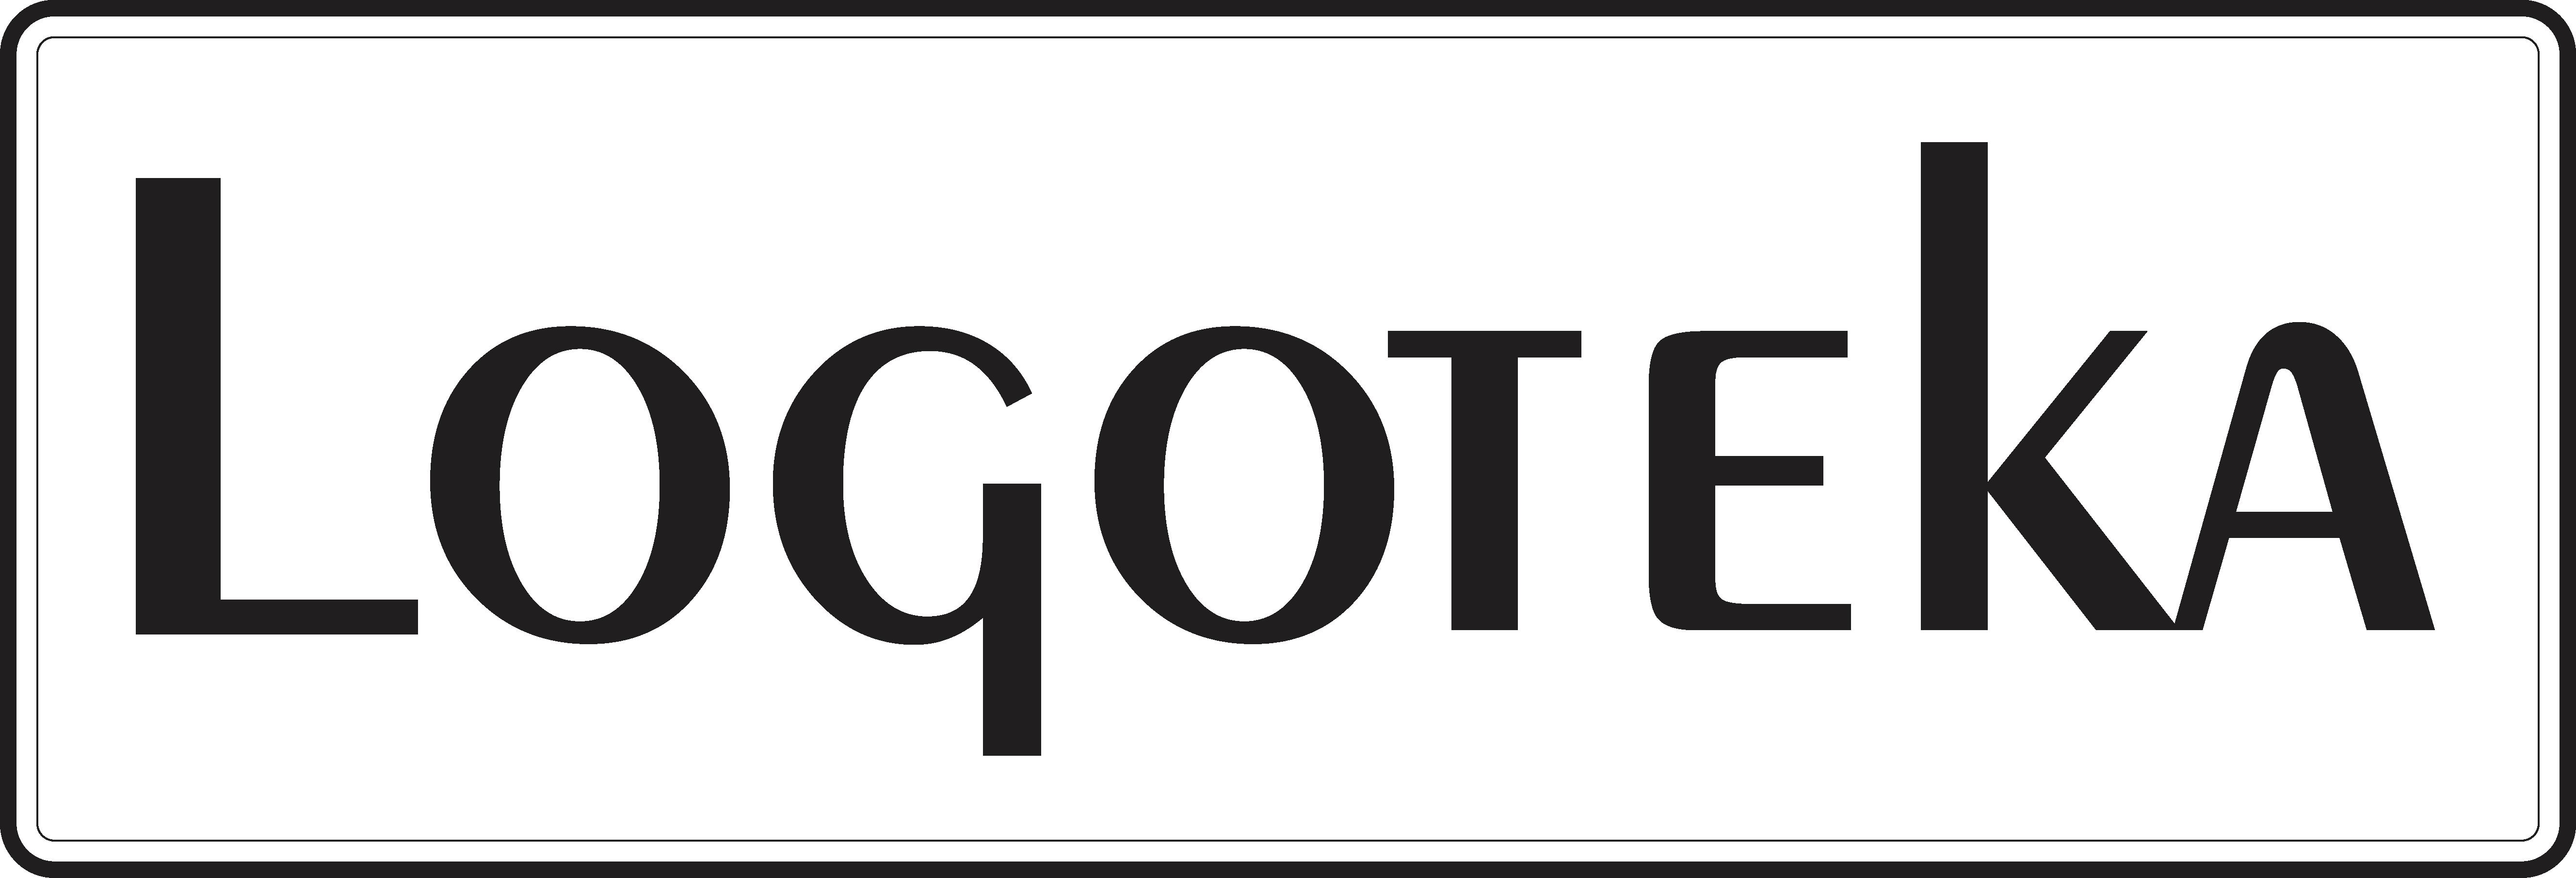 Logotipo LOGOTEKA